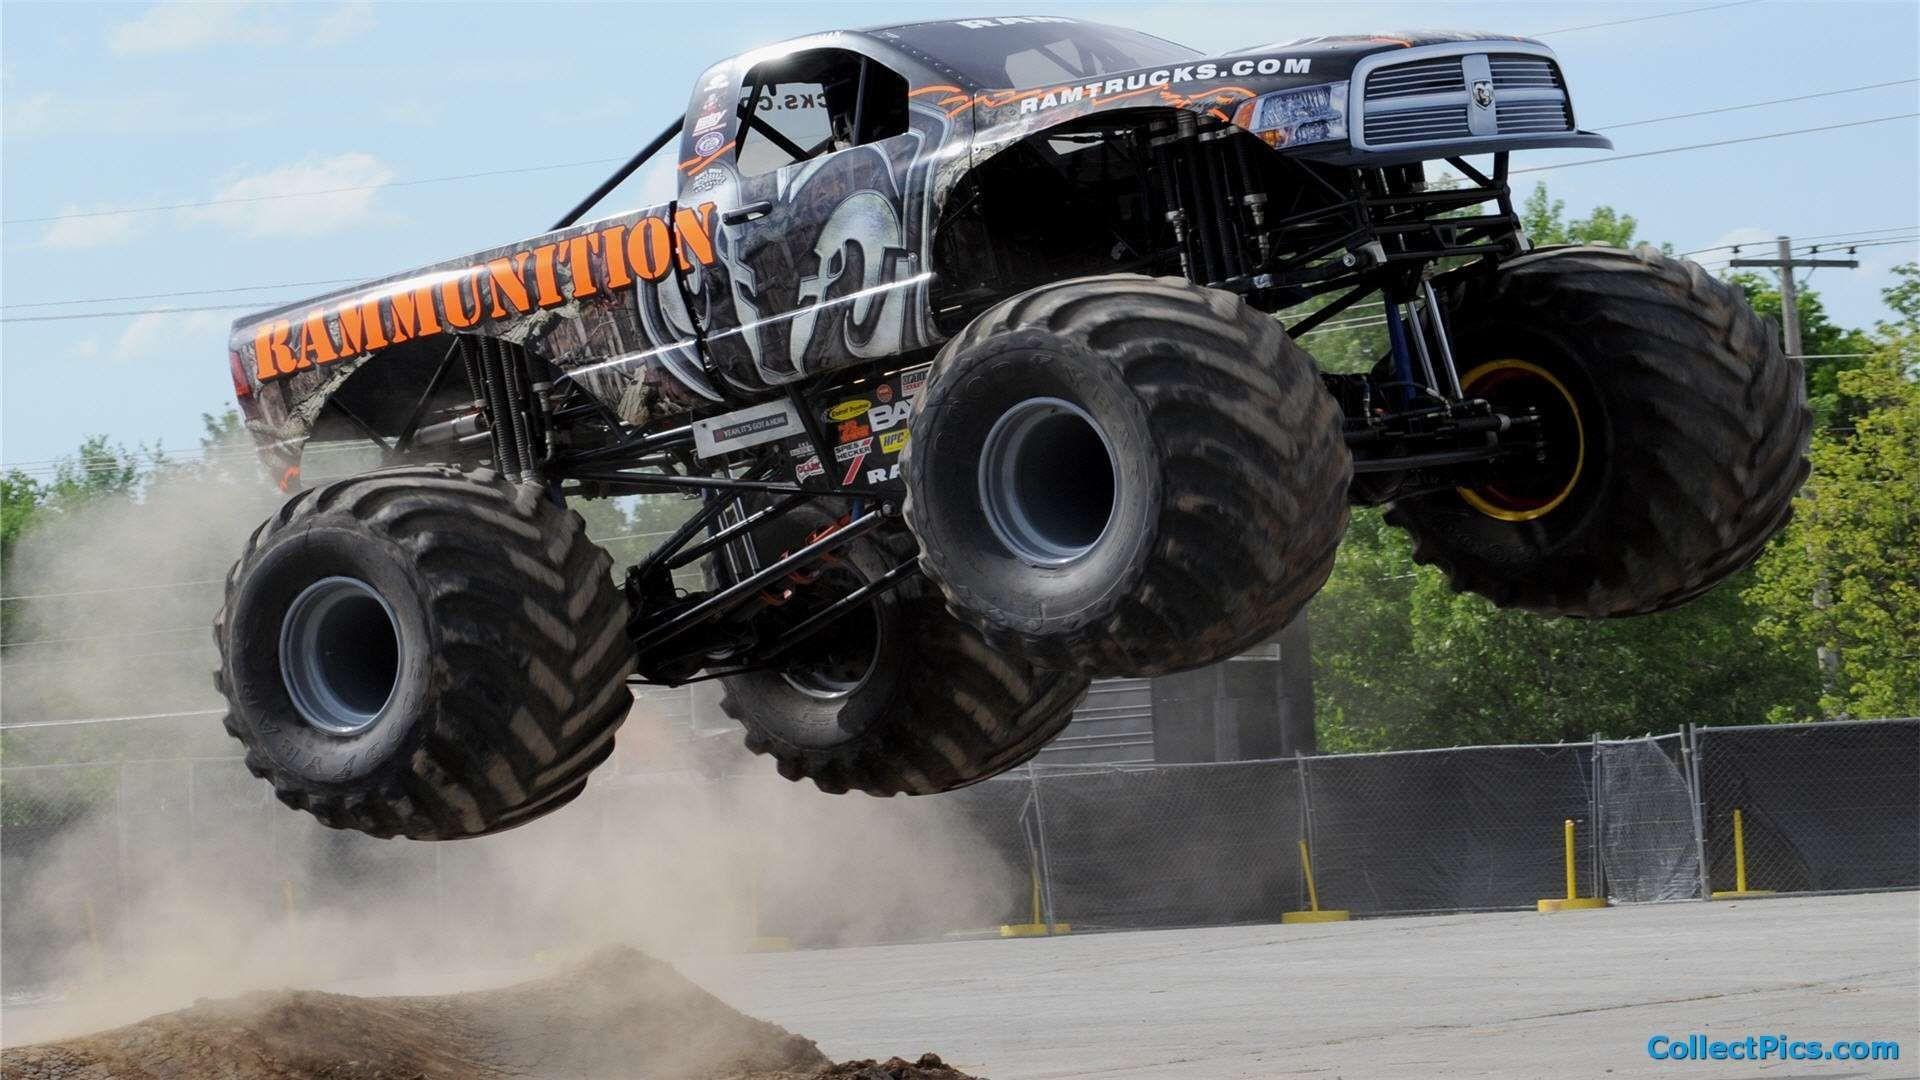 Res: 1920x1080, monster truck wallpaper images  - http://hdwallpaper.info/monster-